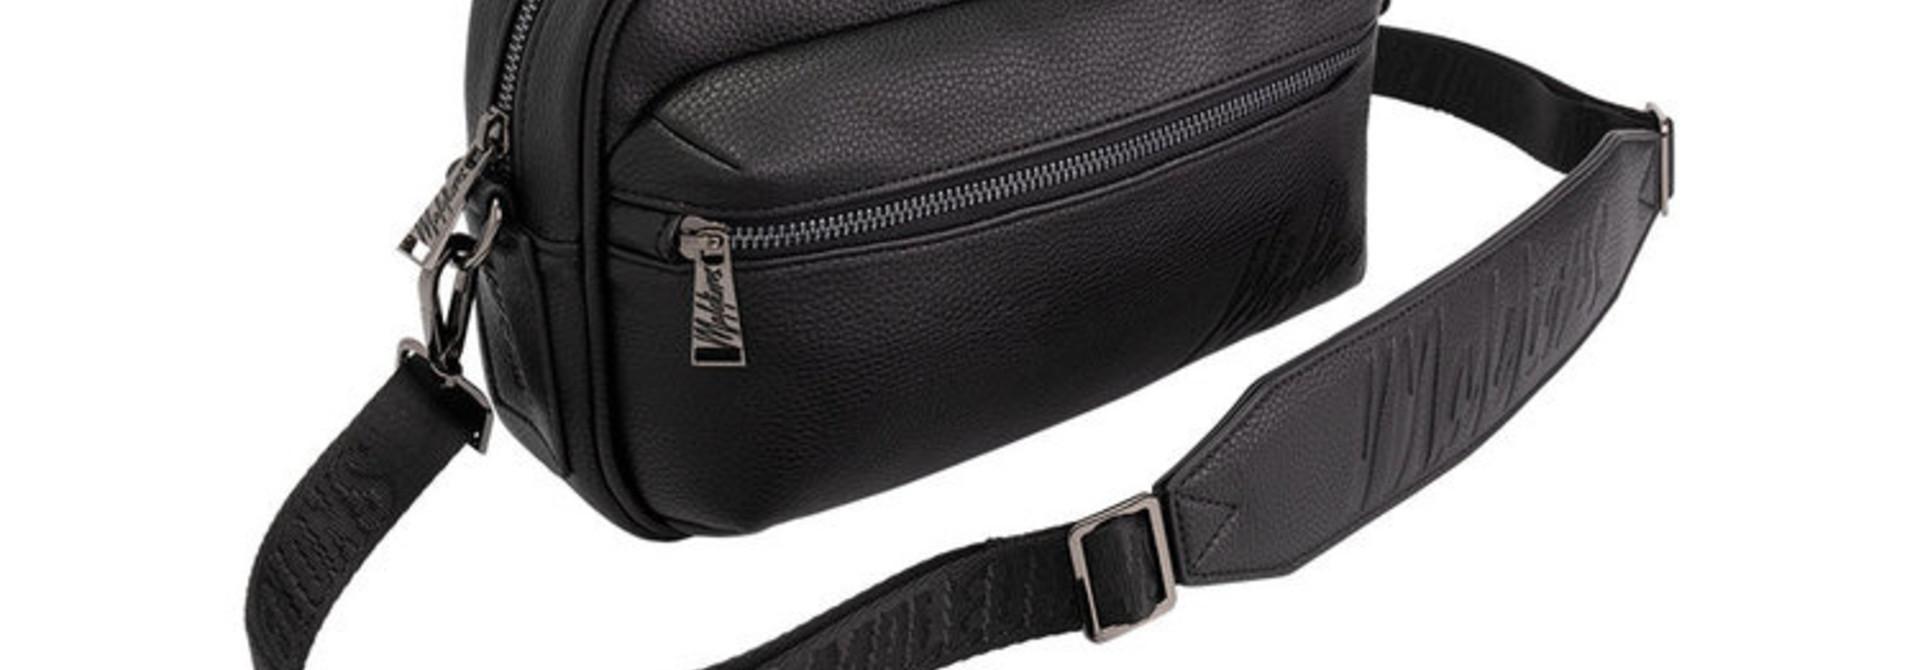 Malelions Vois Massenger Bag